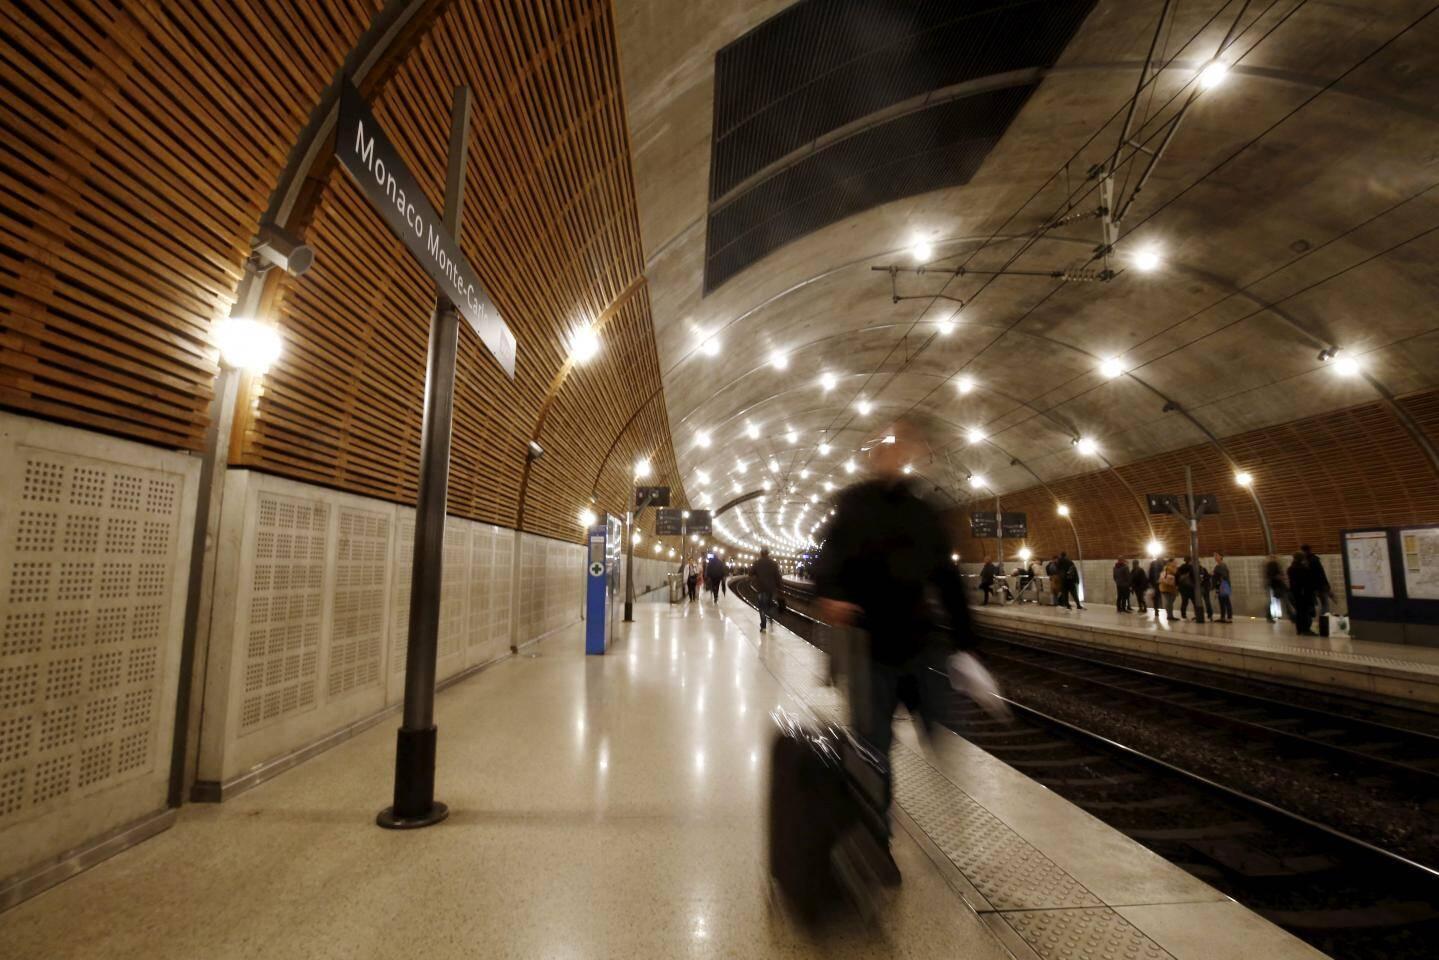 Seuls deux trains ont reçu l'autorisation de faire une courte halte en gare de Monaco ce dimanche.